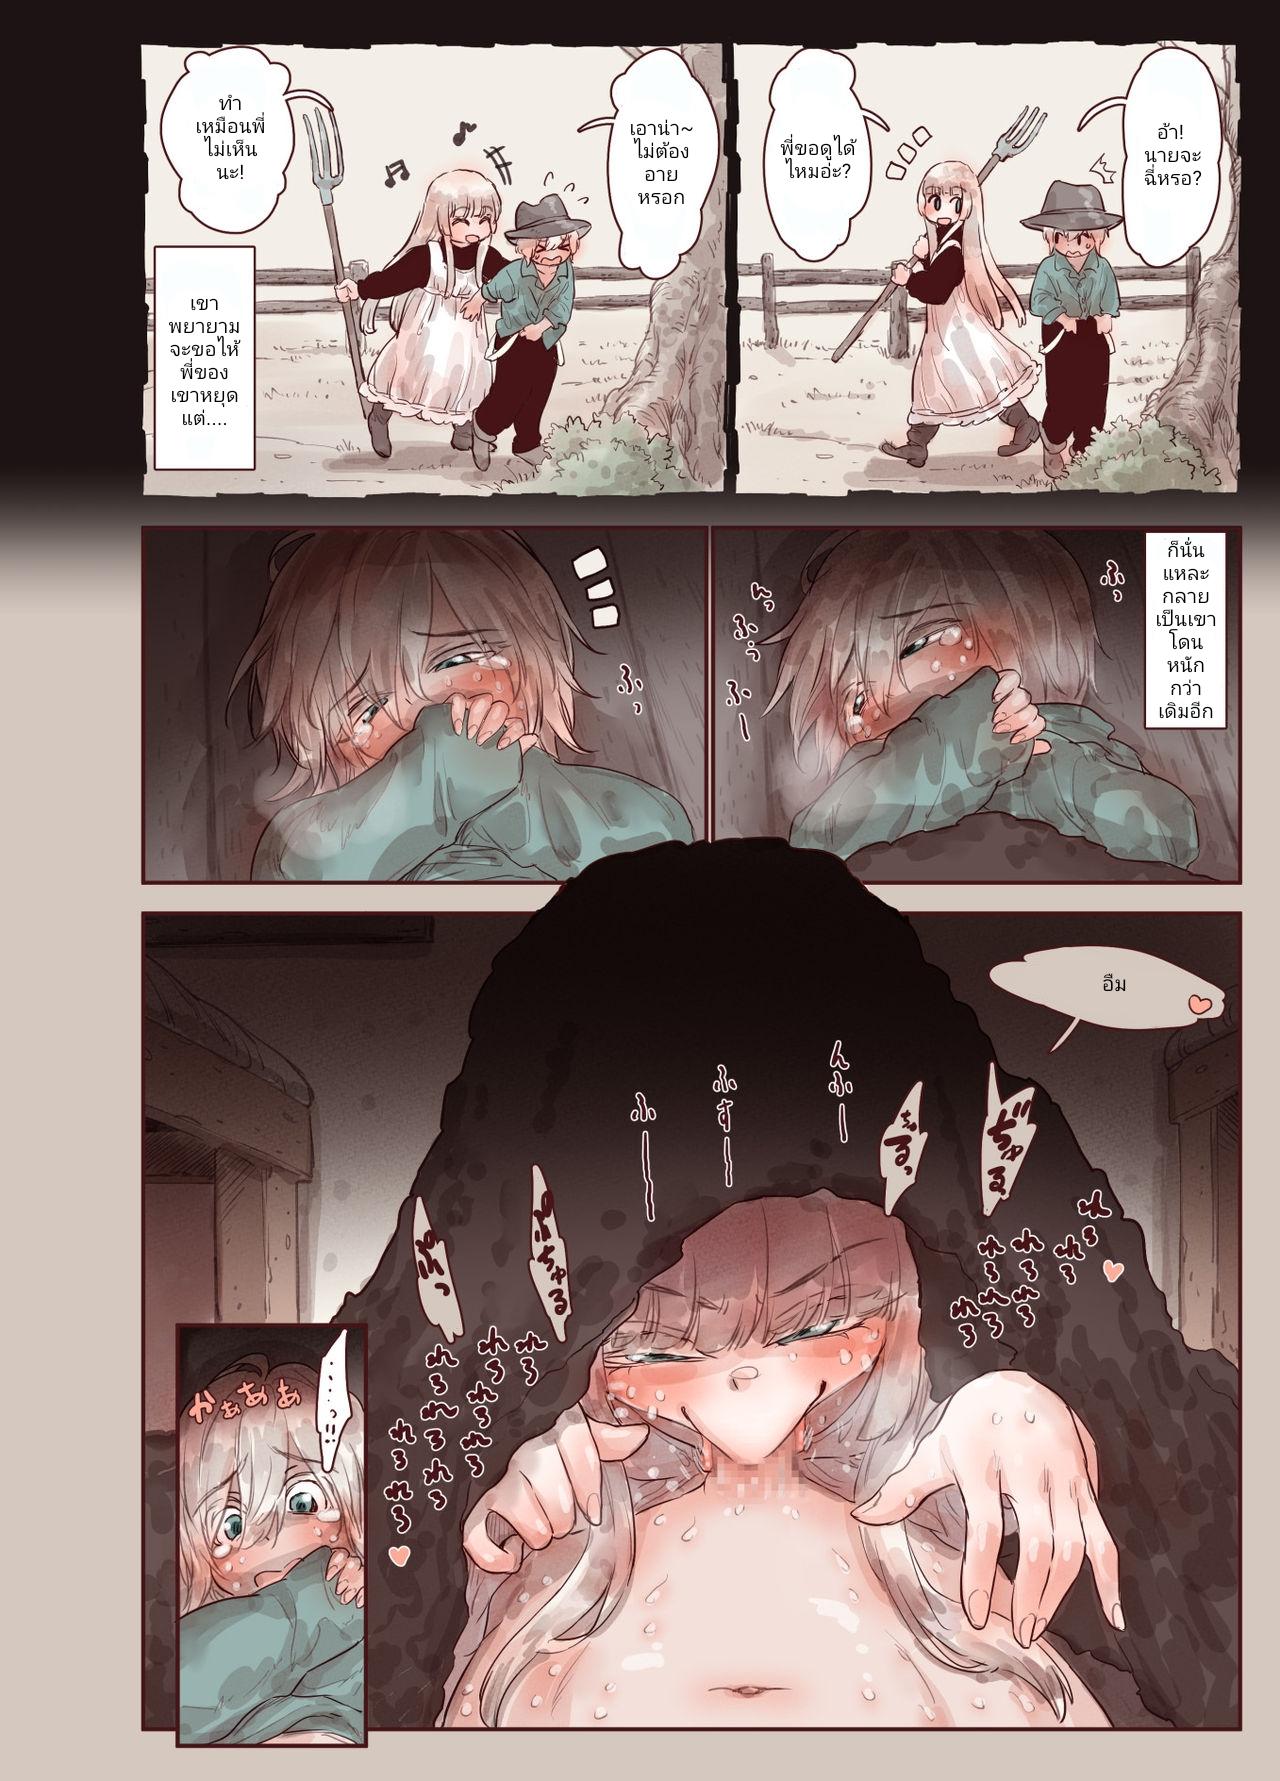 บาปและความลับ ภาพ 10